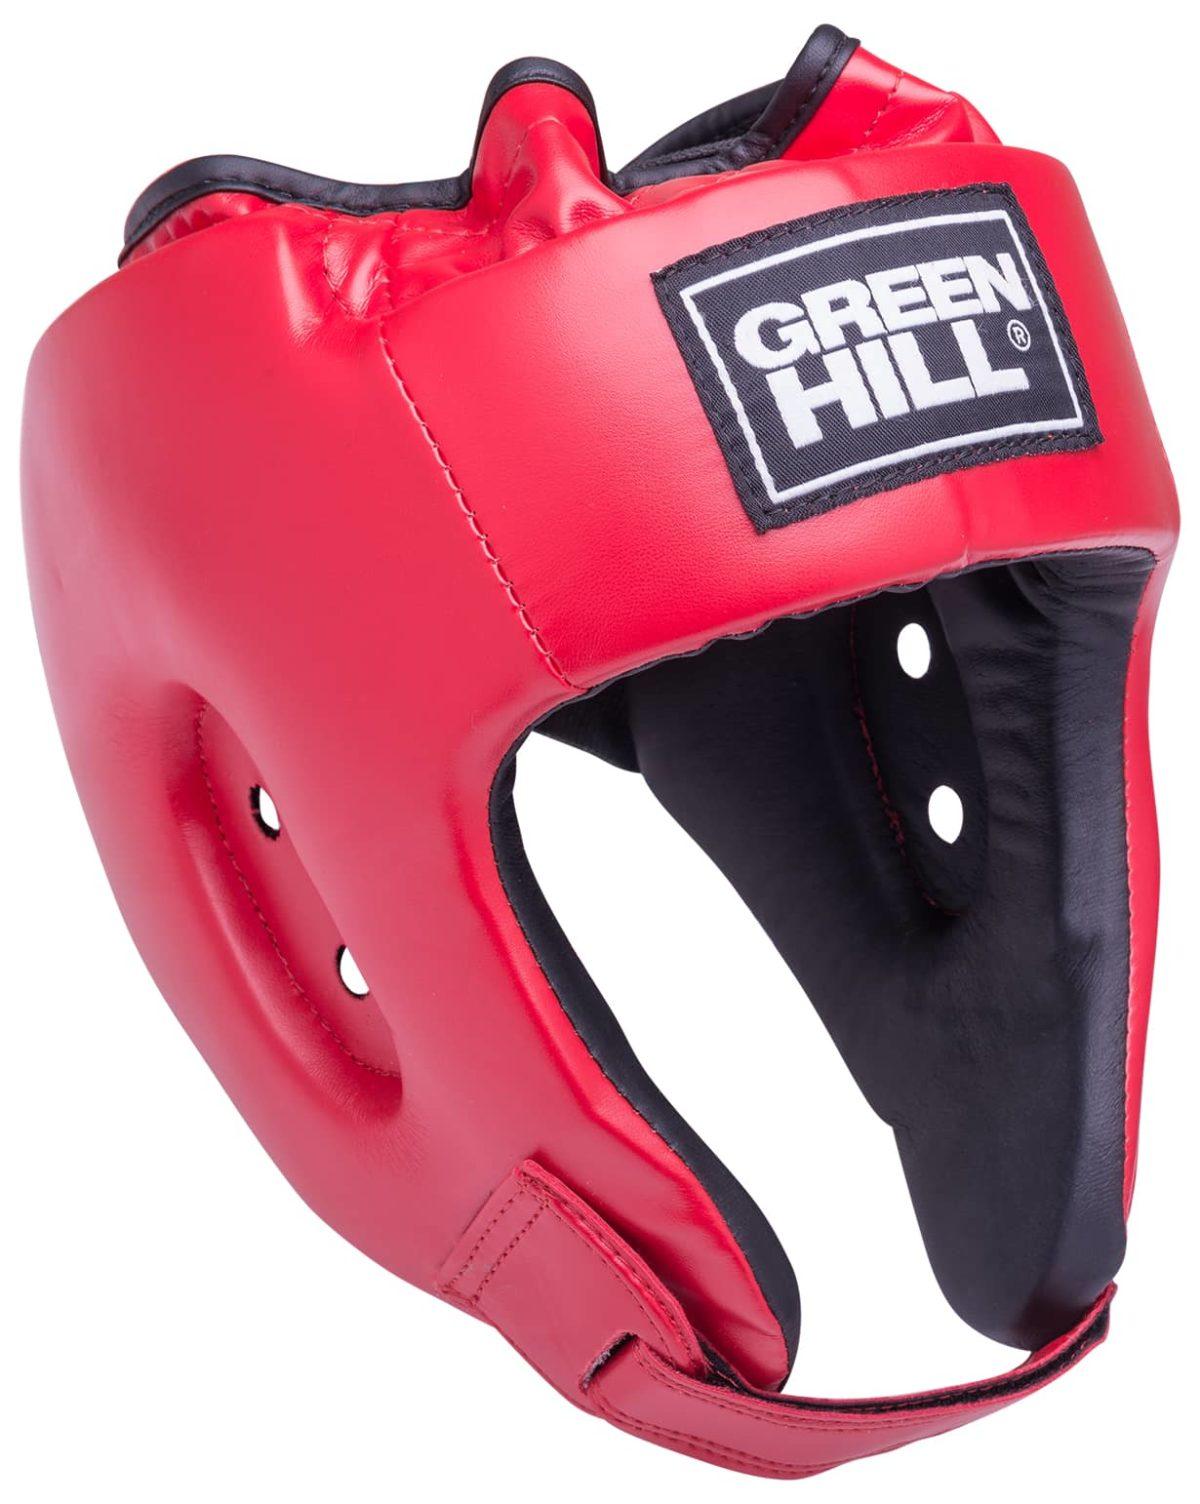 GREEN HILL Шлем открытый Alfa  HGA-4014: красный - 1